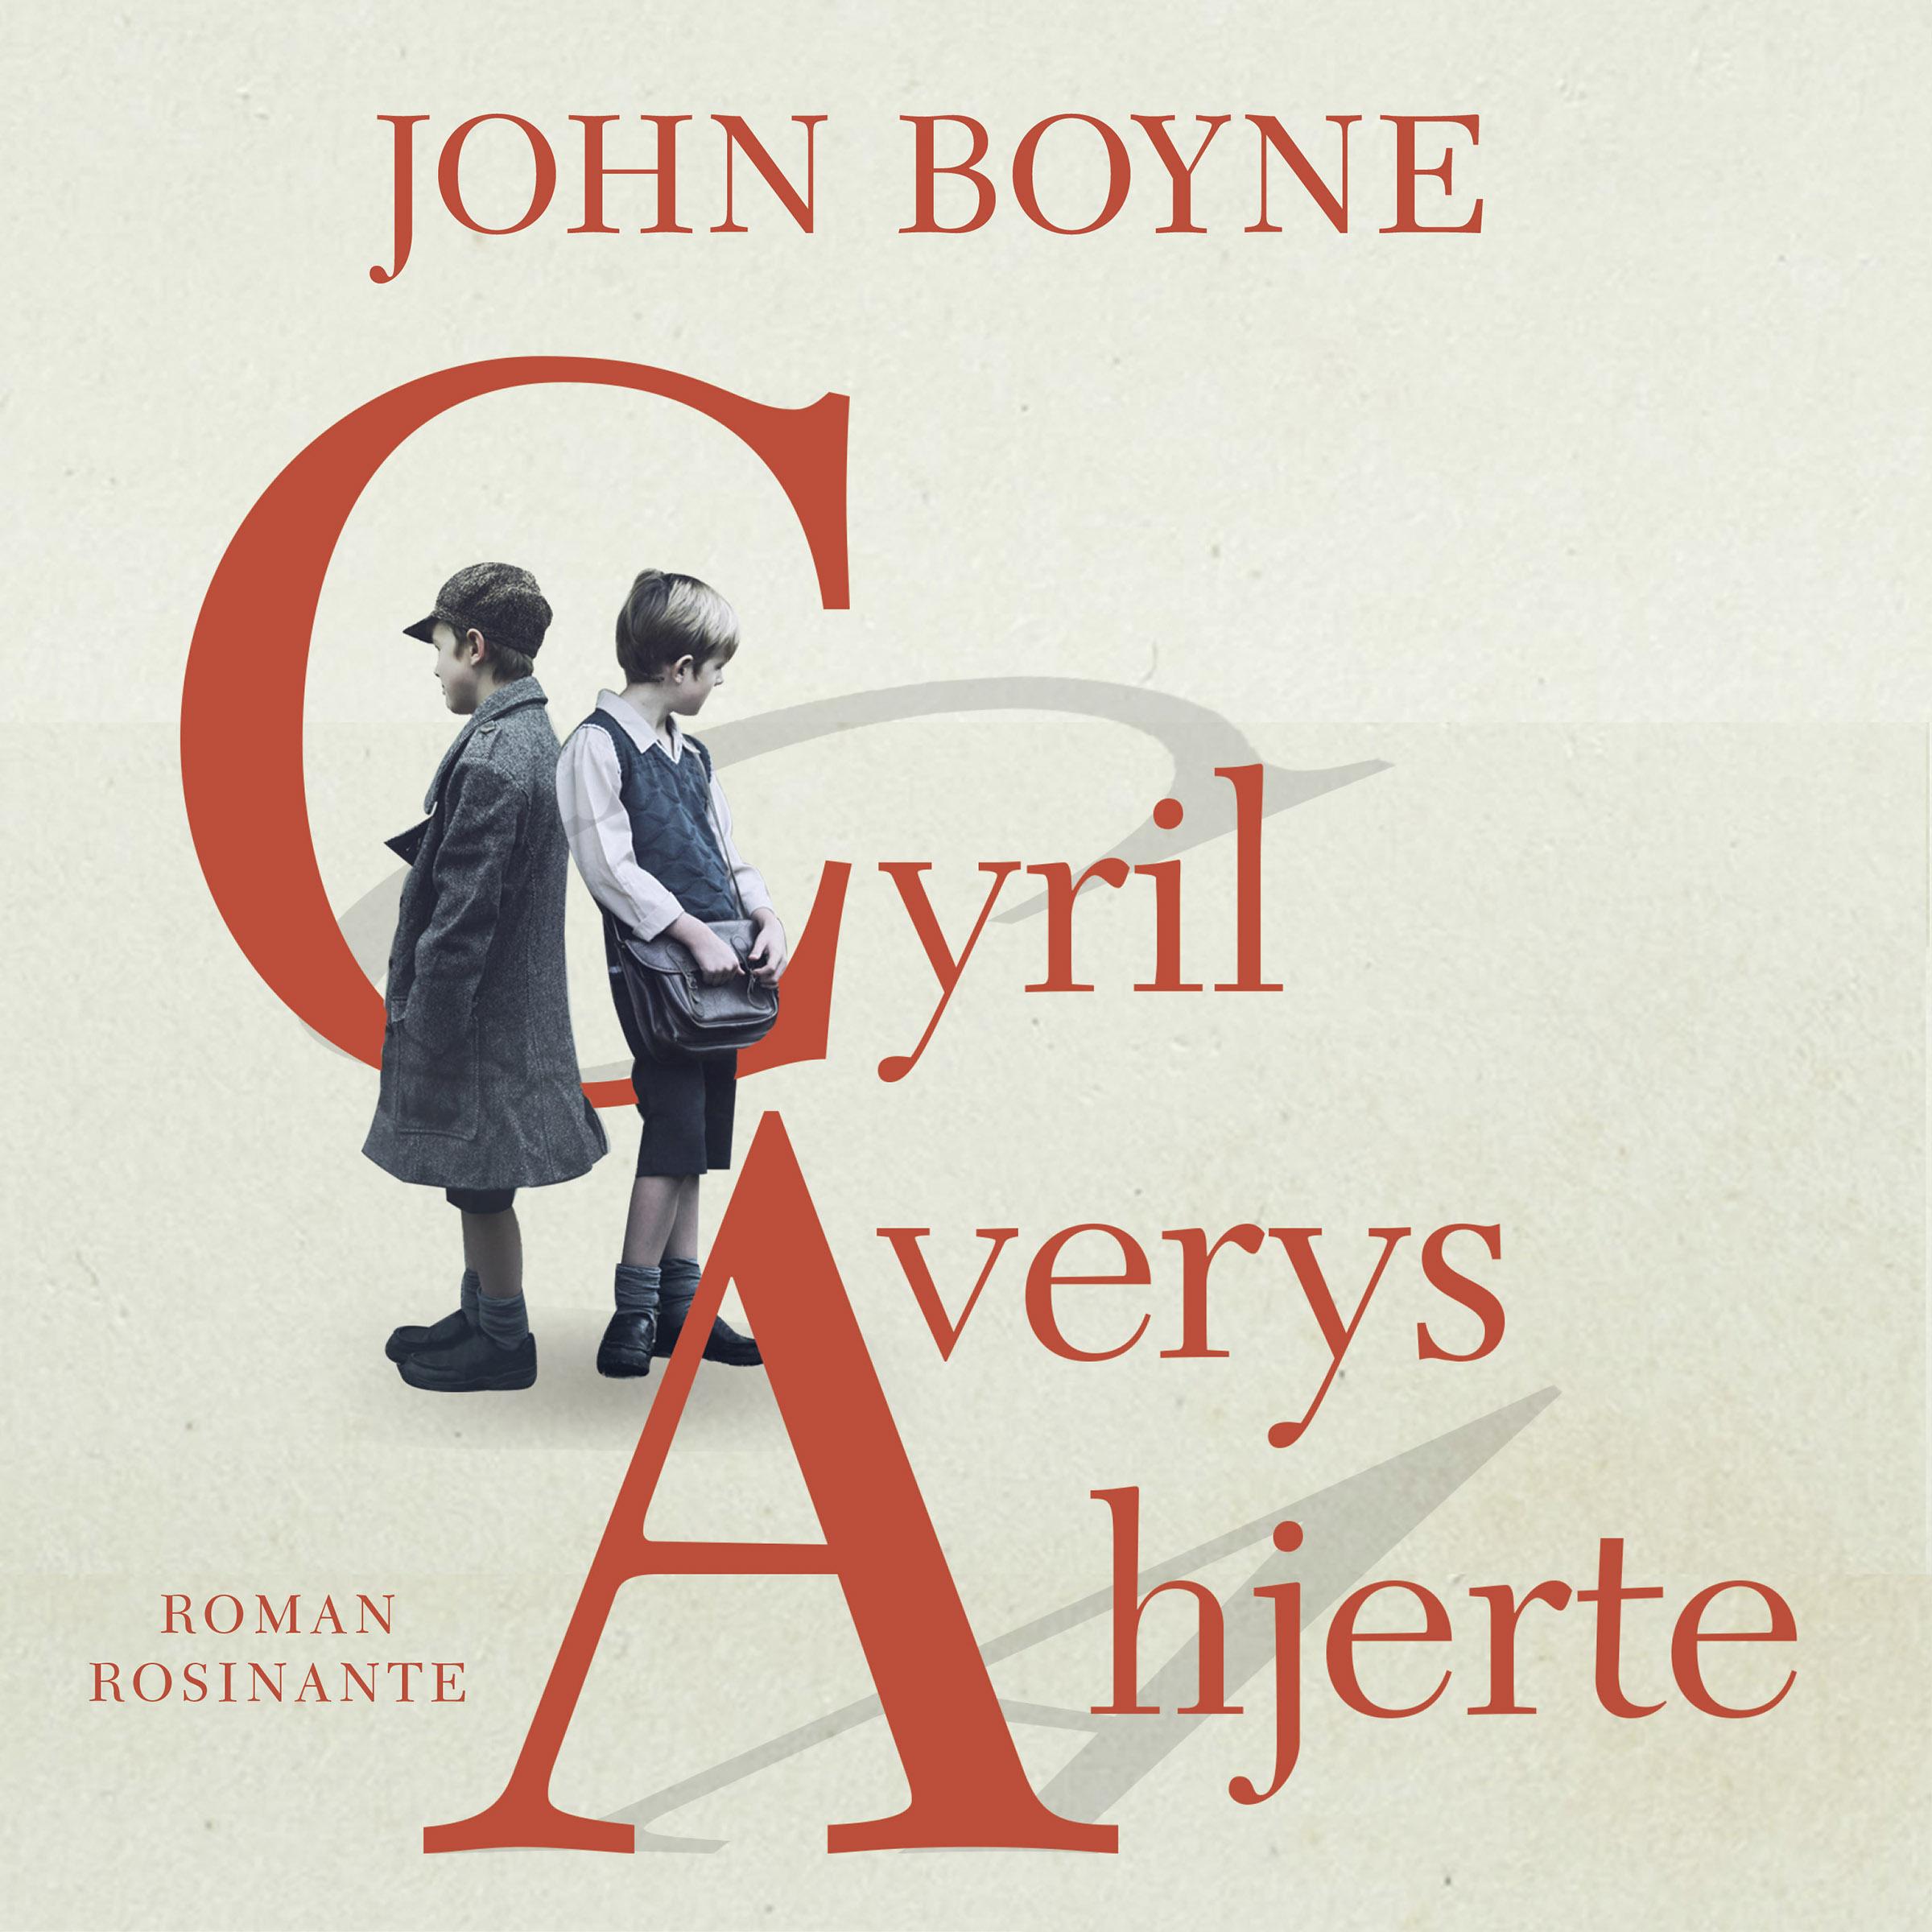 Cyril Averys hjerte - E-lydbog